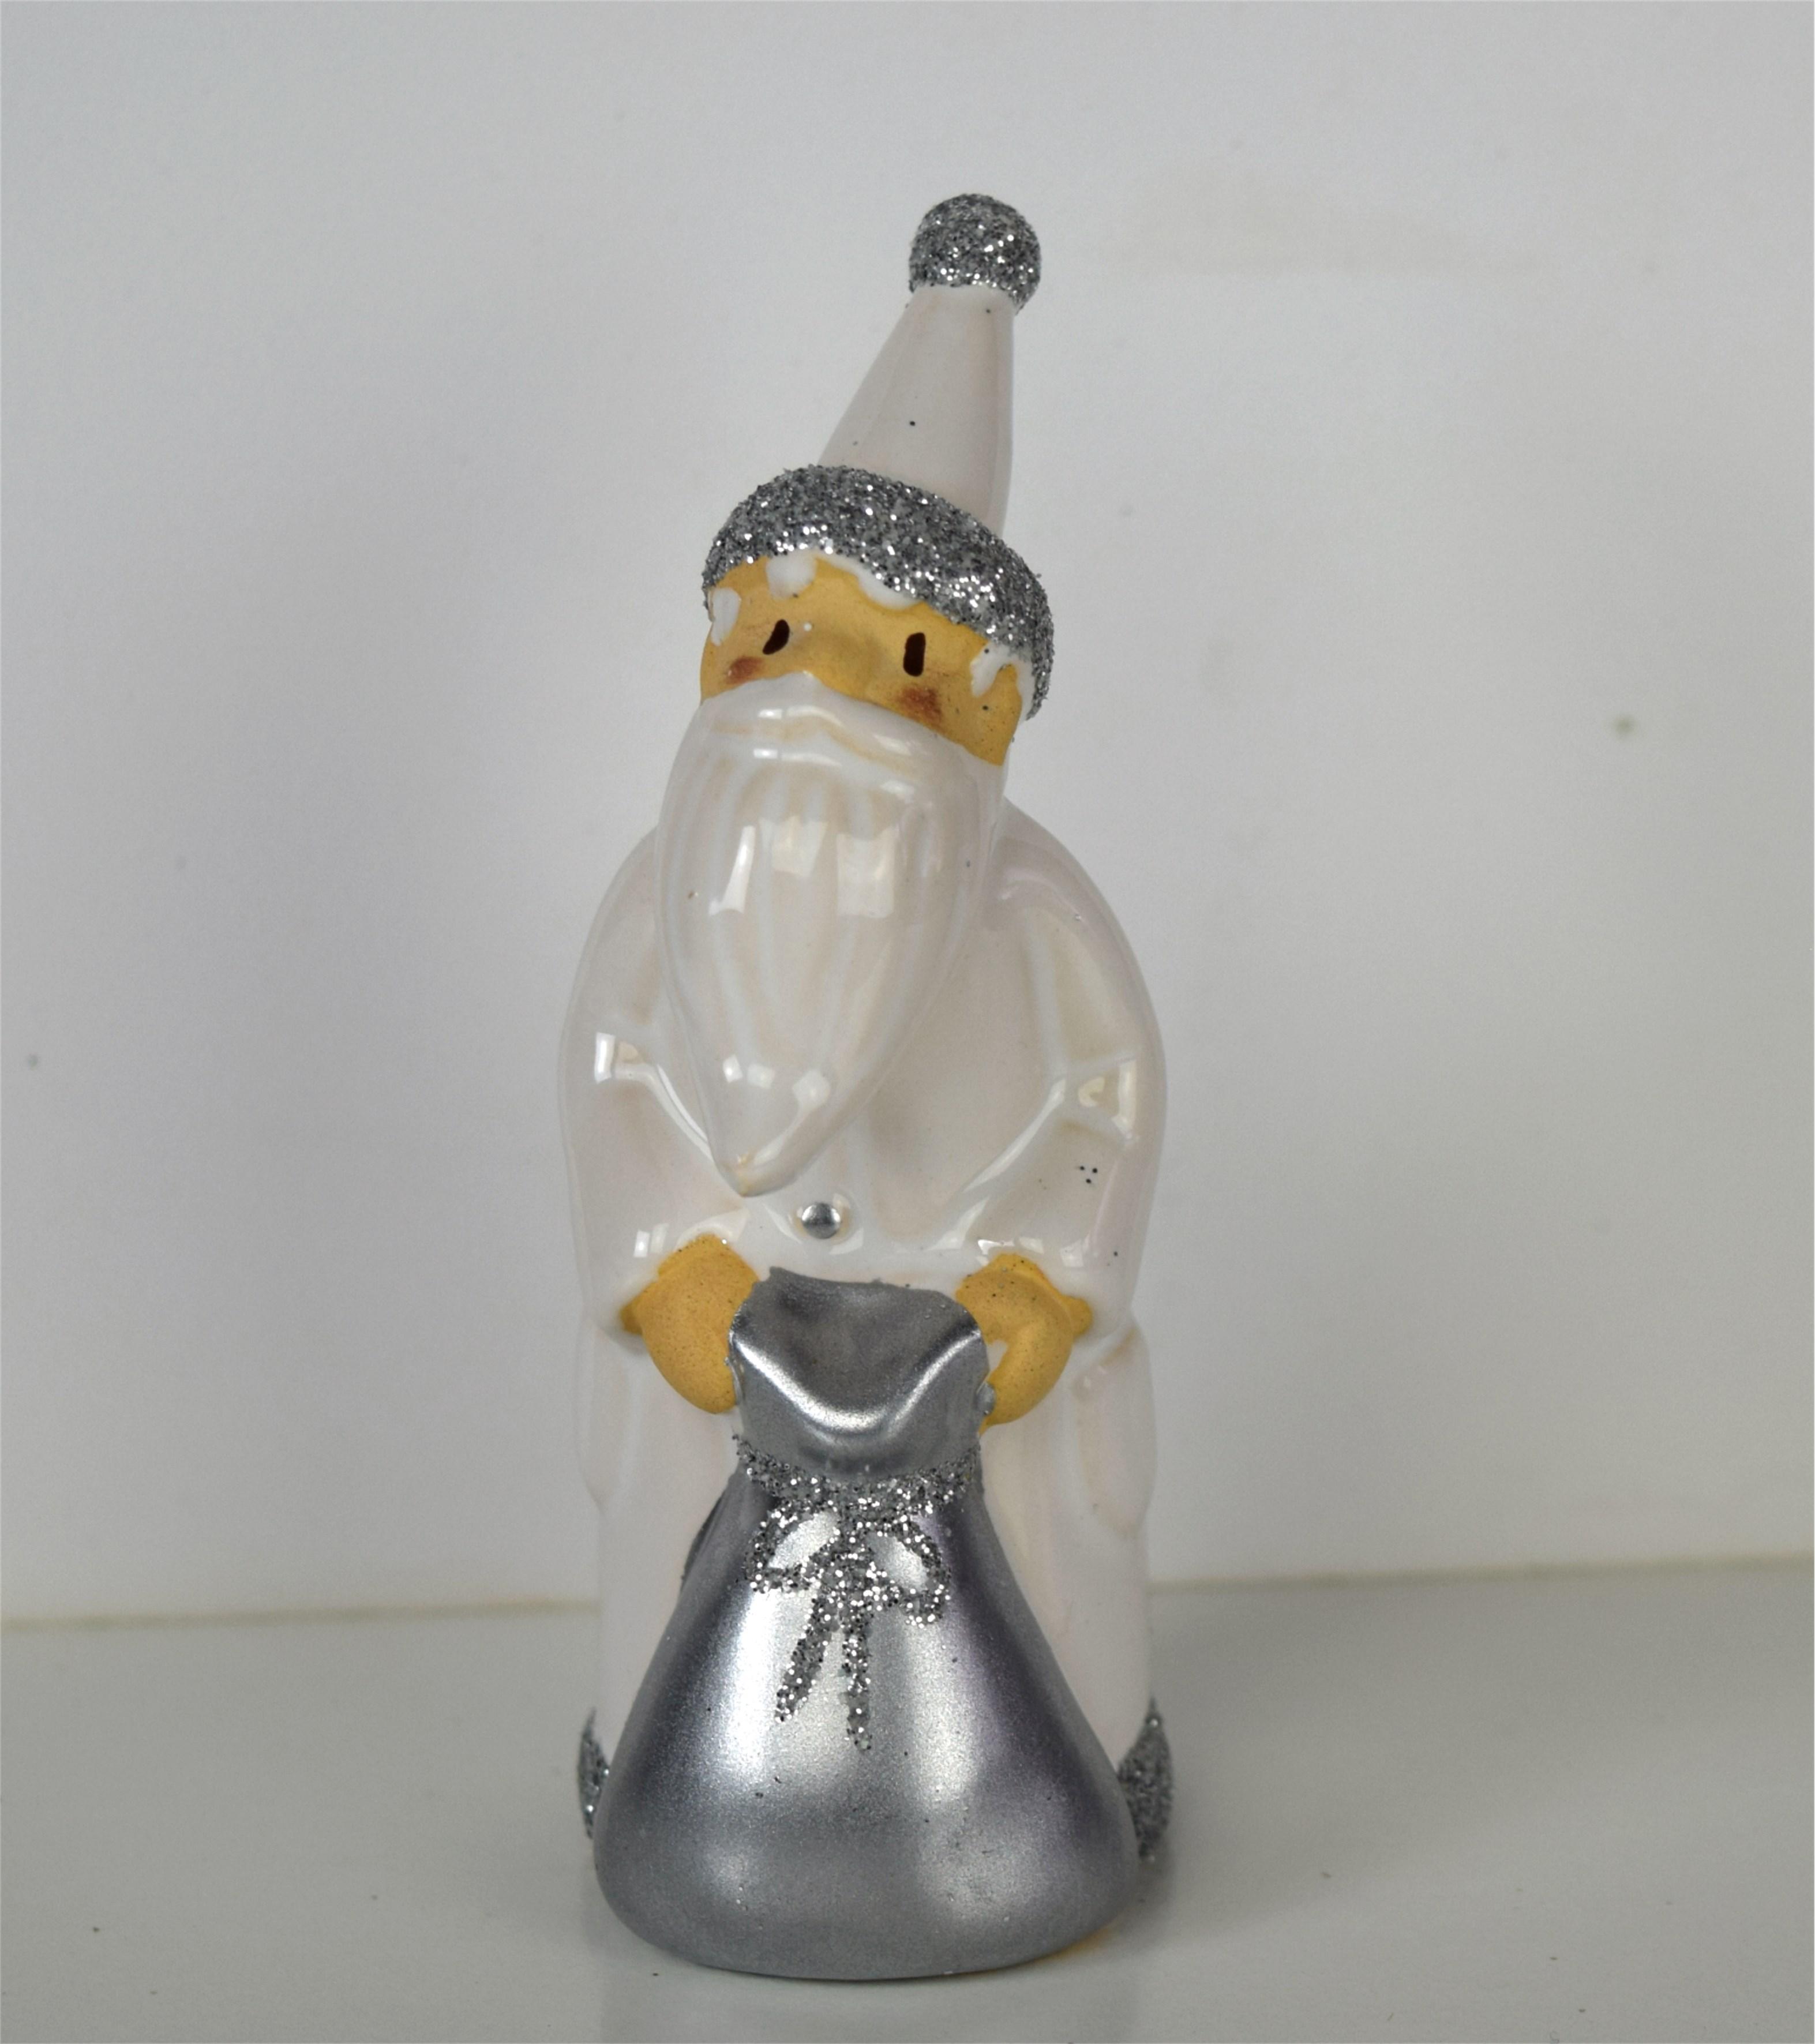 nikolaus weihnachtsmann weiß mit sack 4610 cm